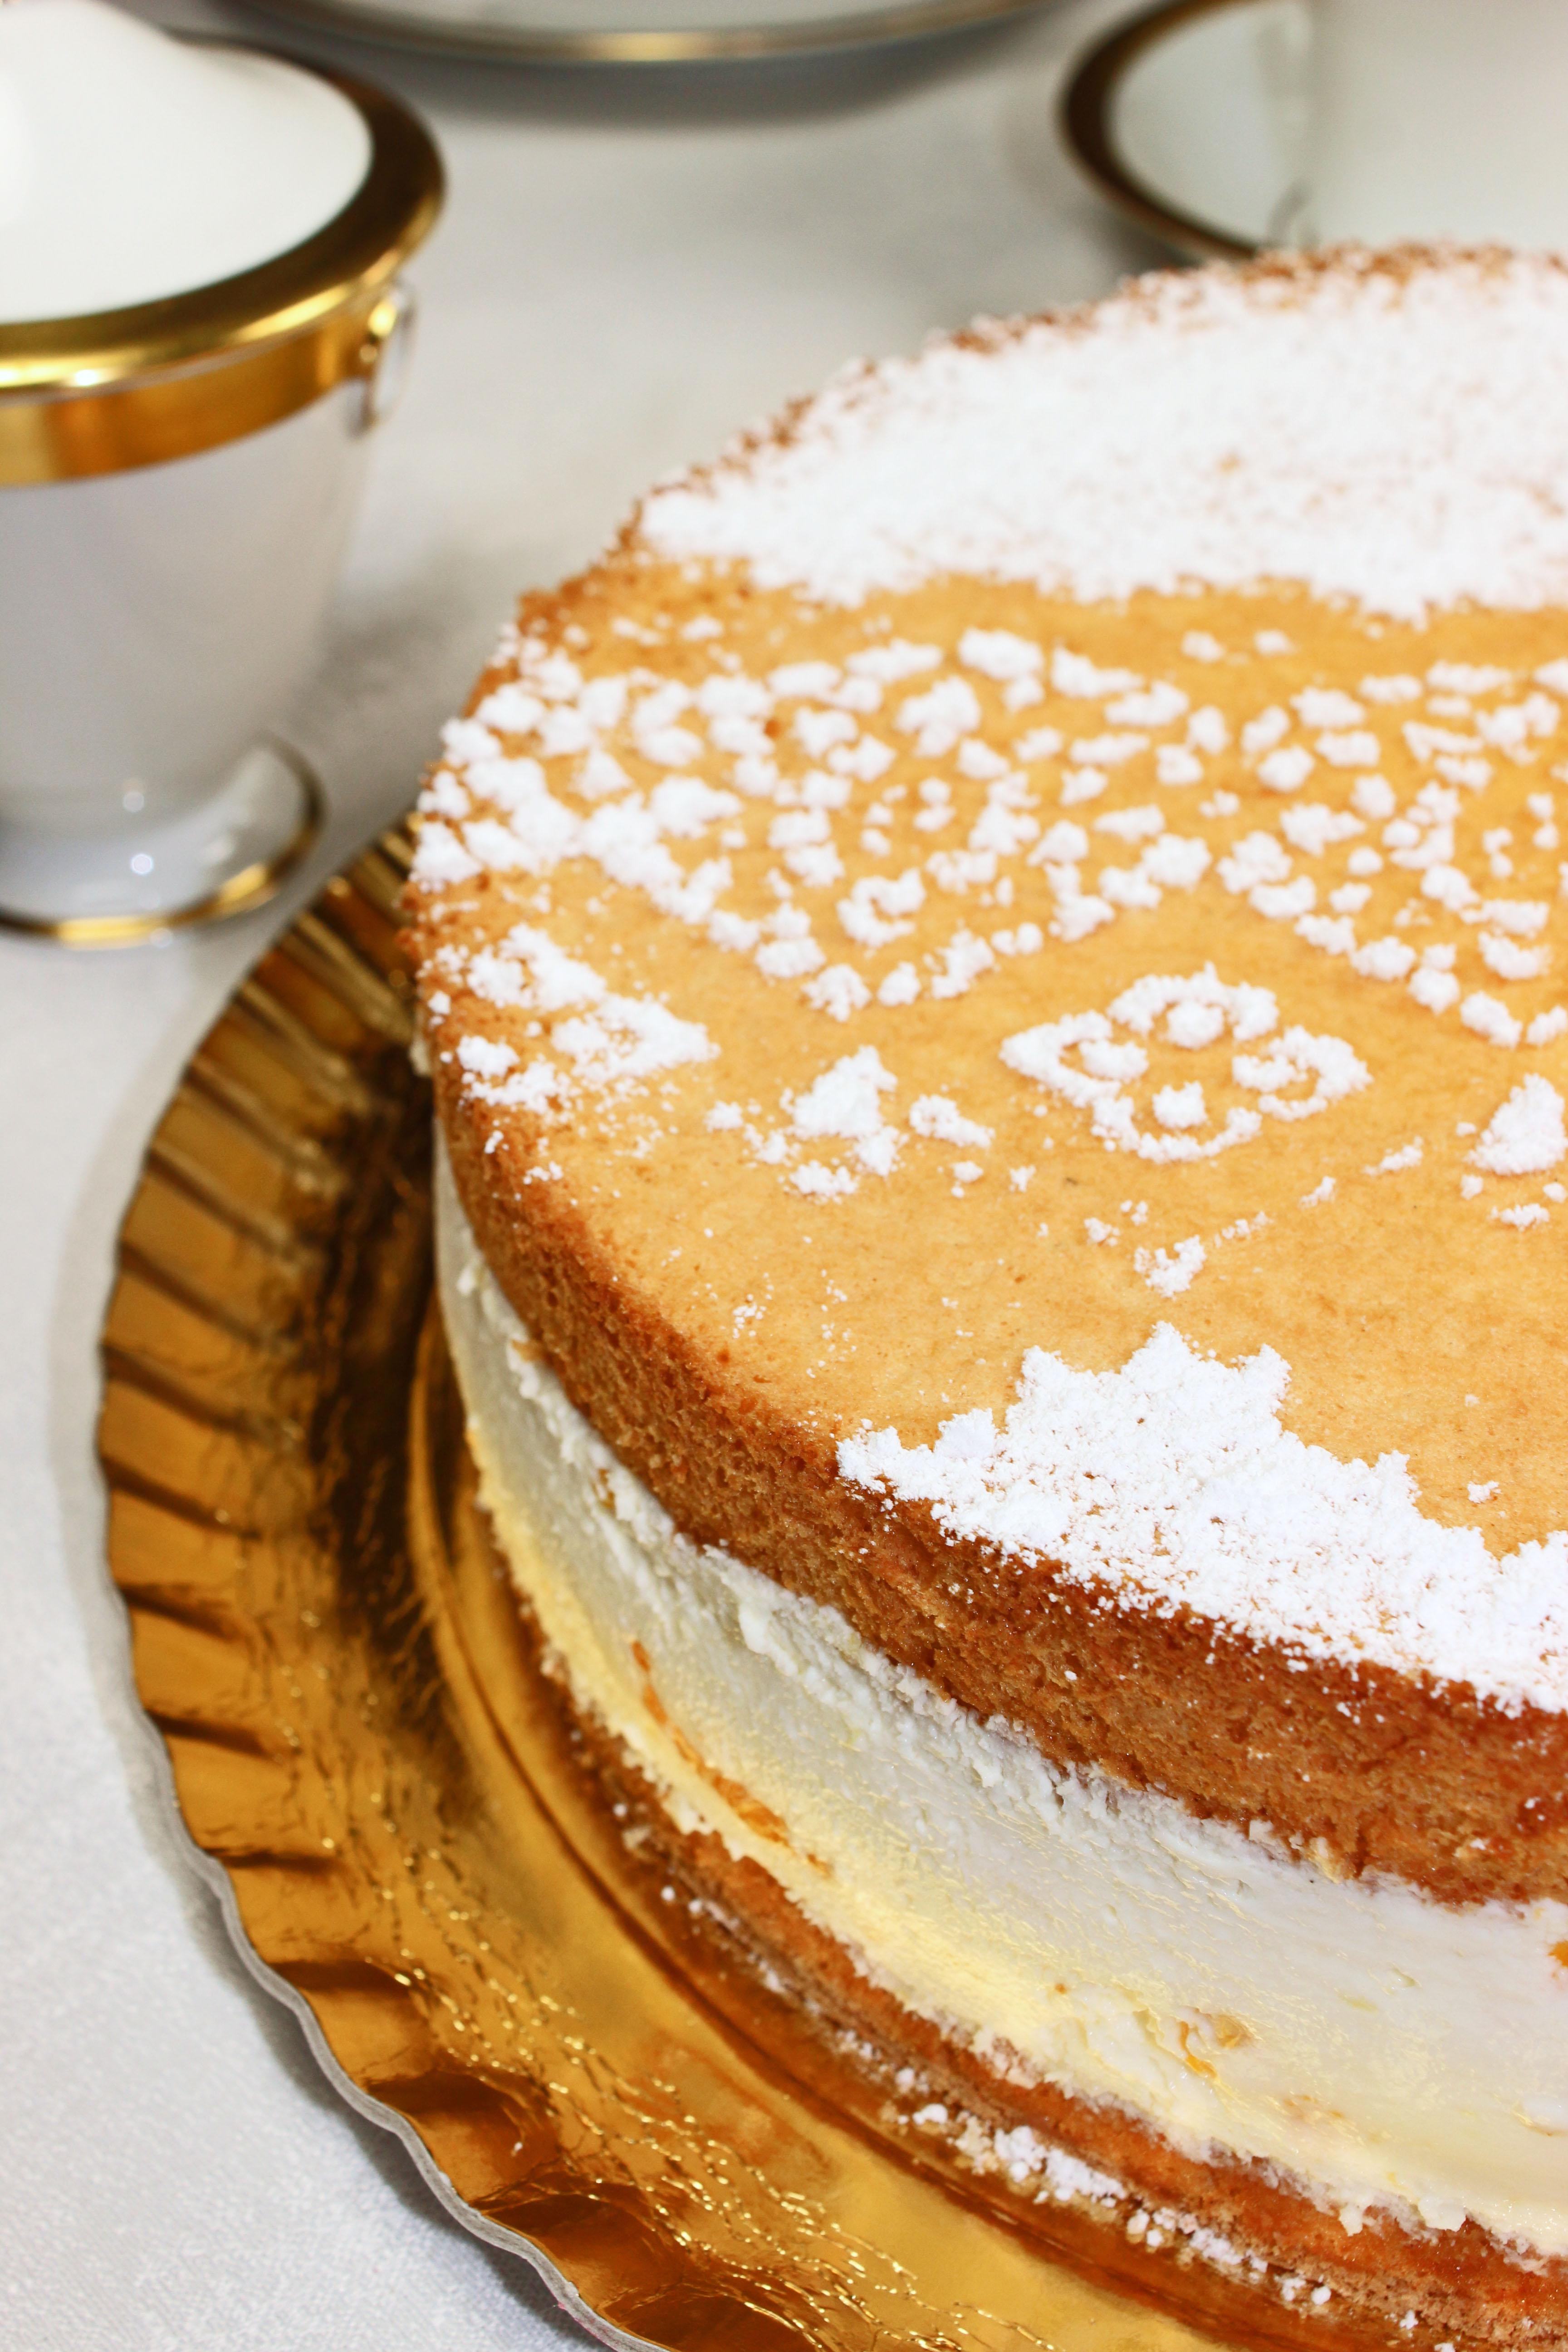 Kuchen Mit Foto rezept kuchen mit 500 g quark beliebte rezepte für kuchen und gebäck foto